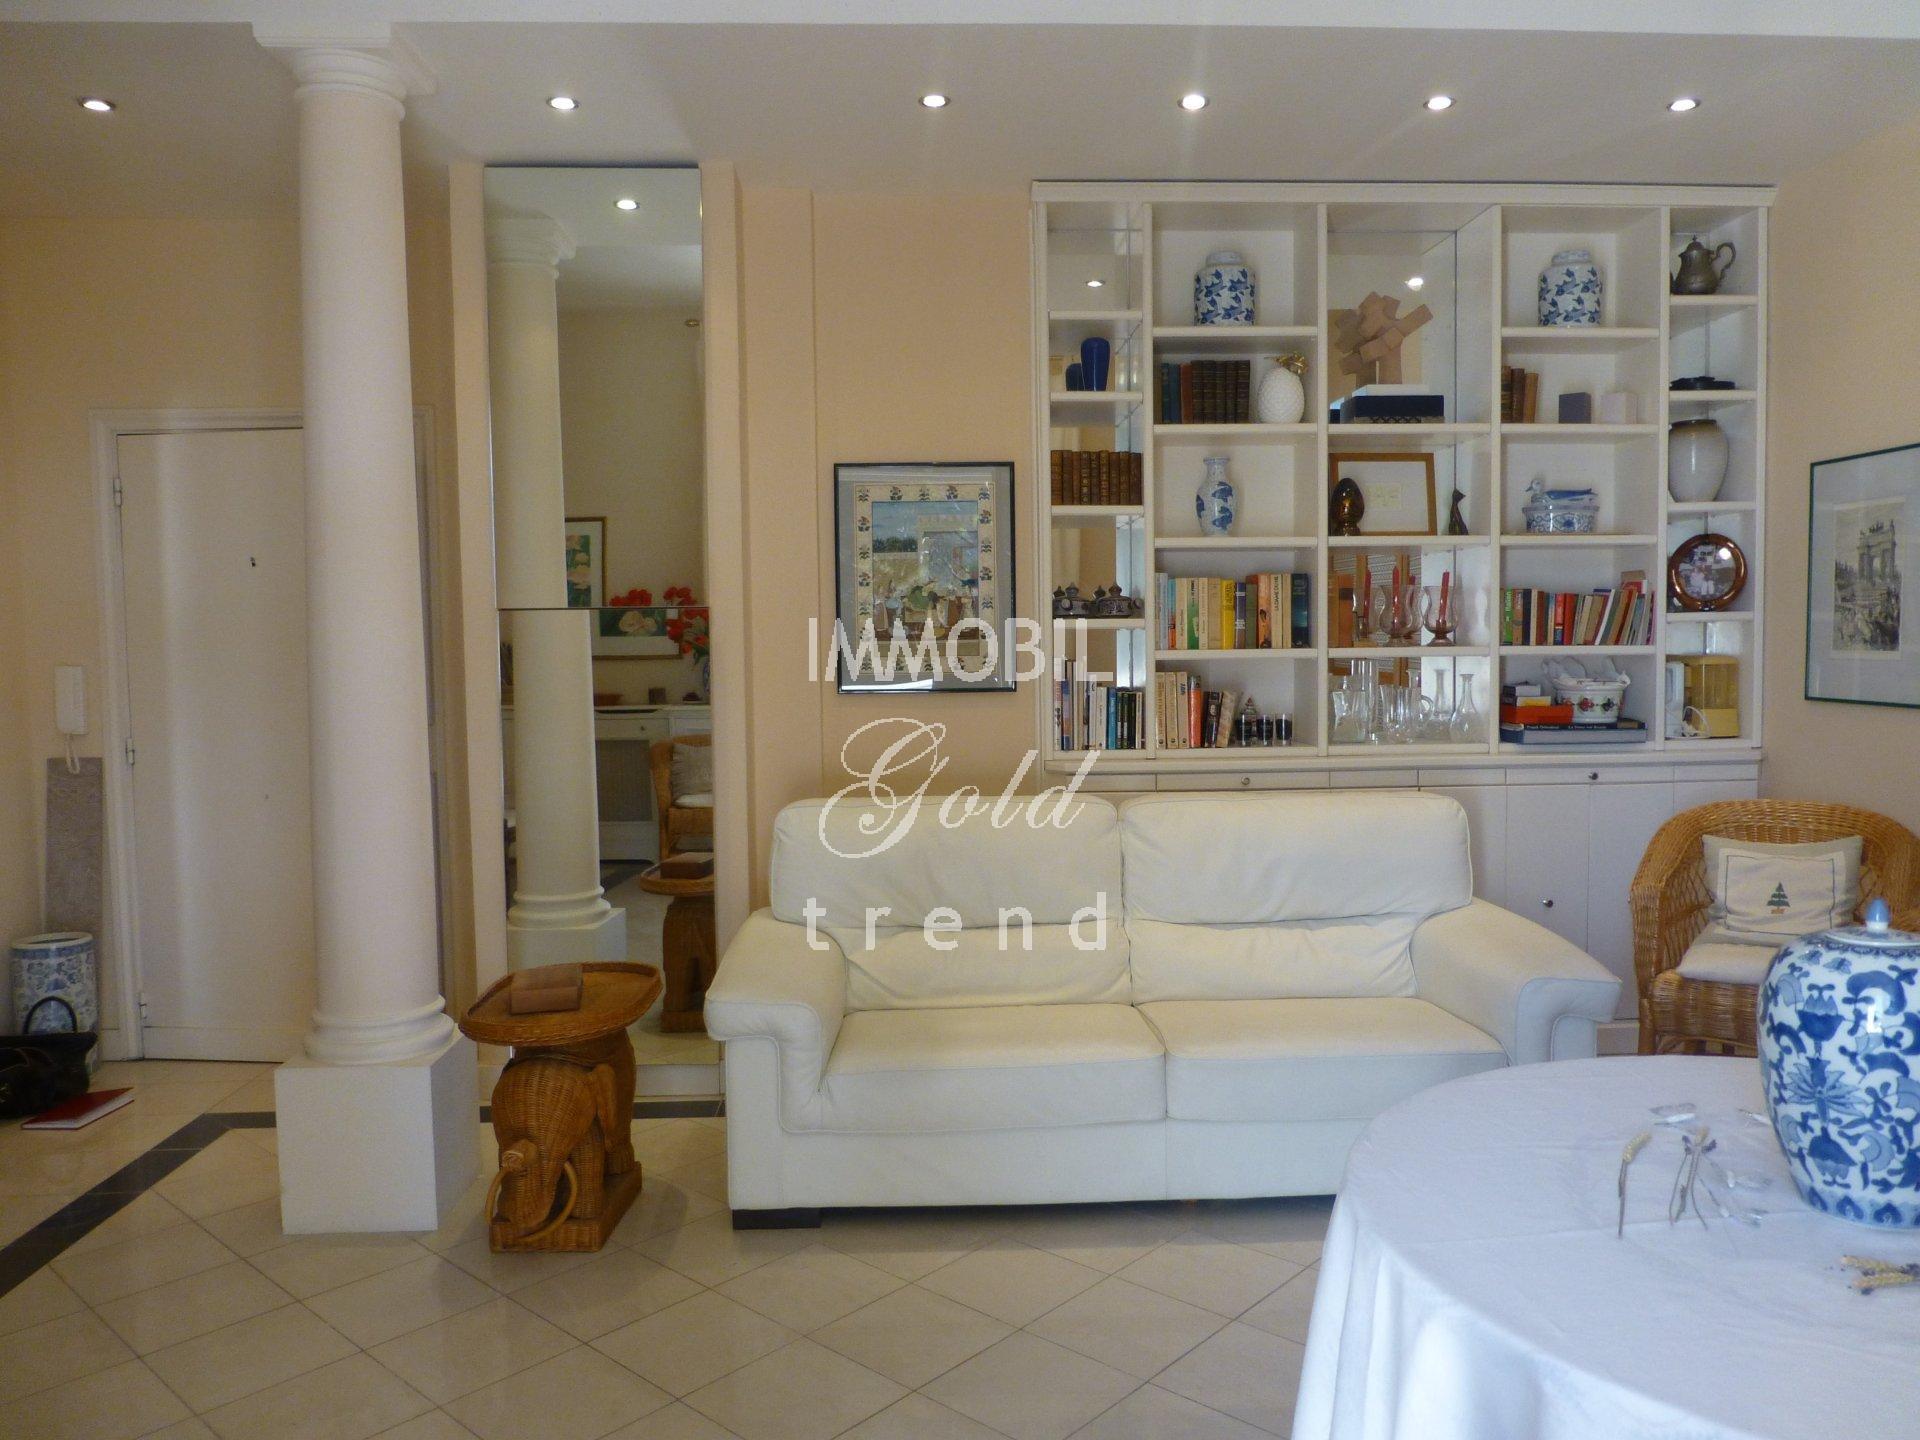 Immobiliare Roquebrune Cap Martin - In vendita, appartamento trilocale situato in uno stabile di prestigio con parco e piscina